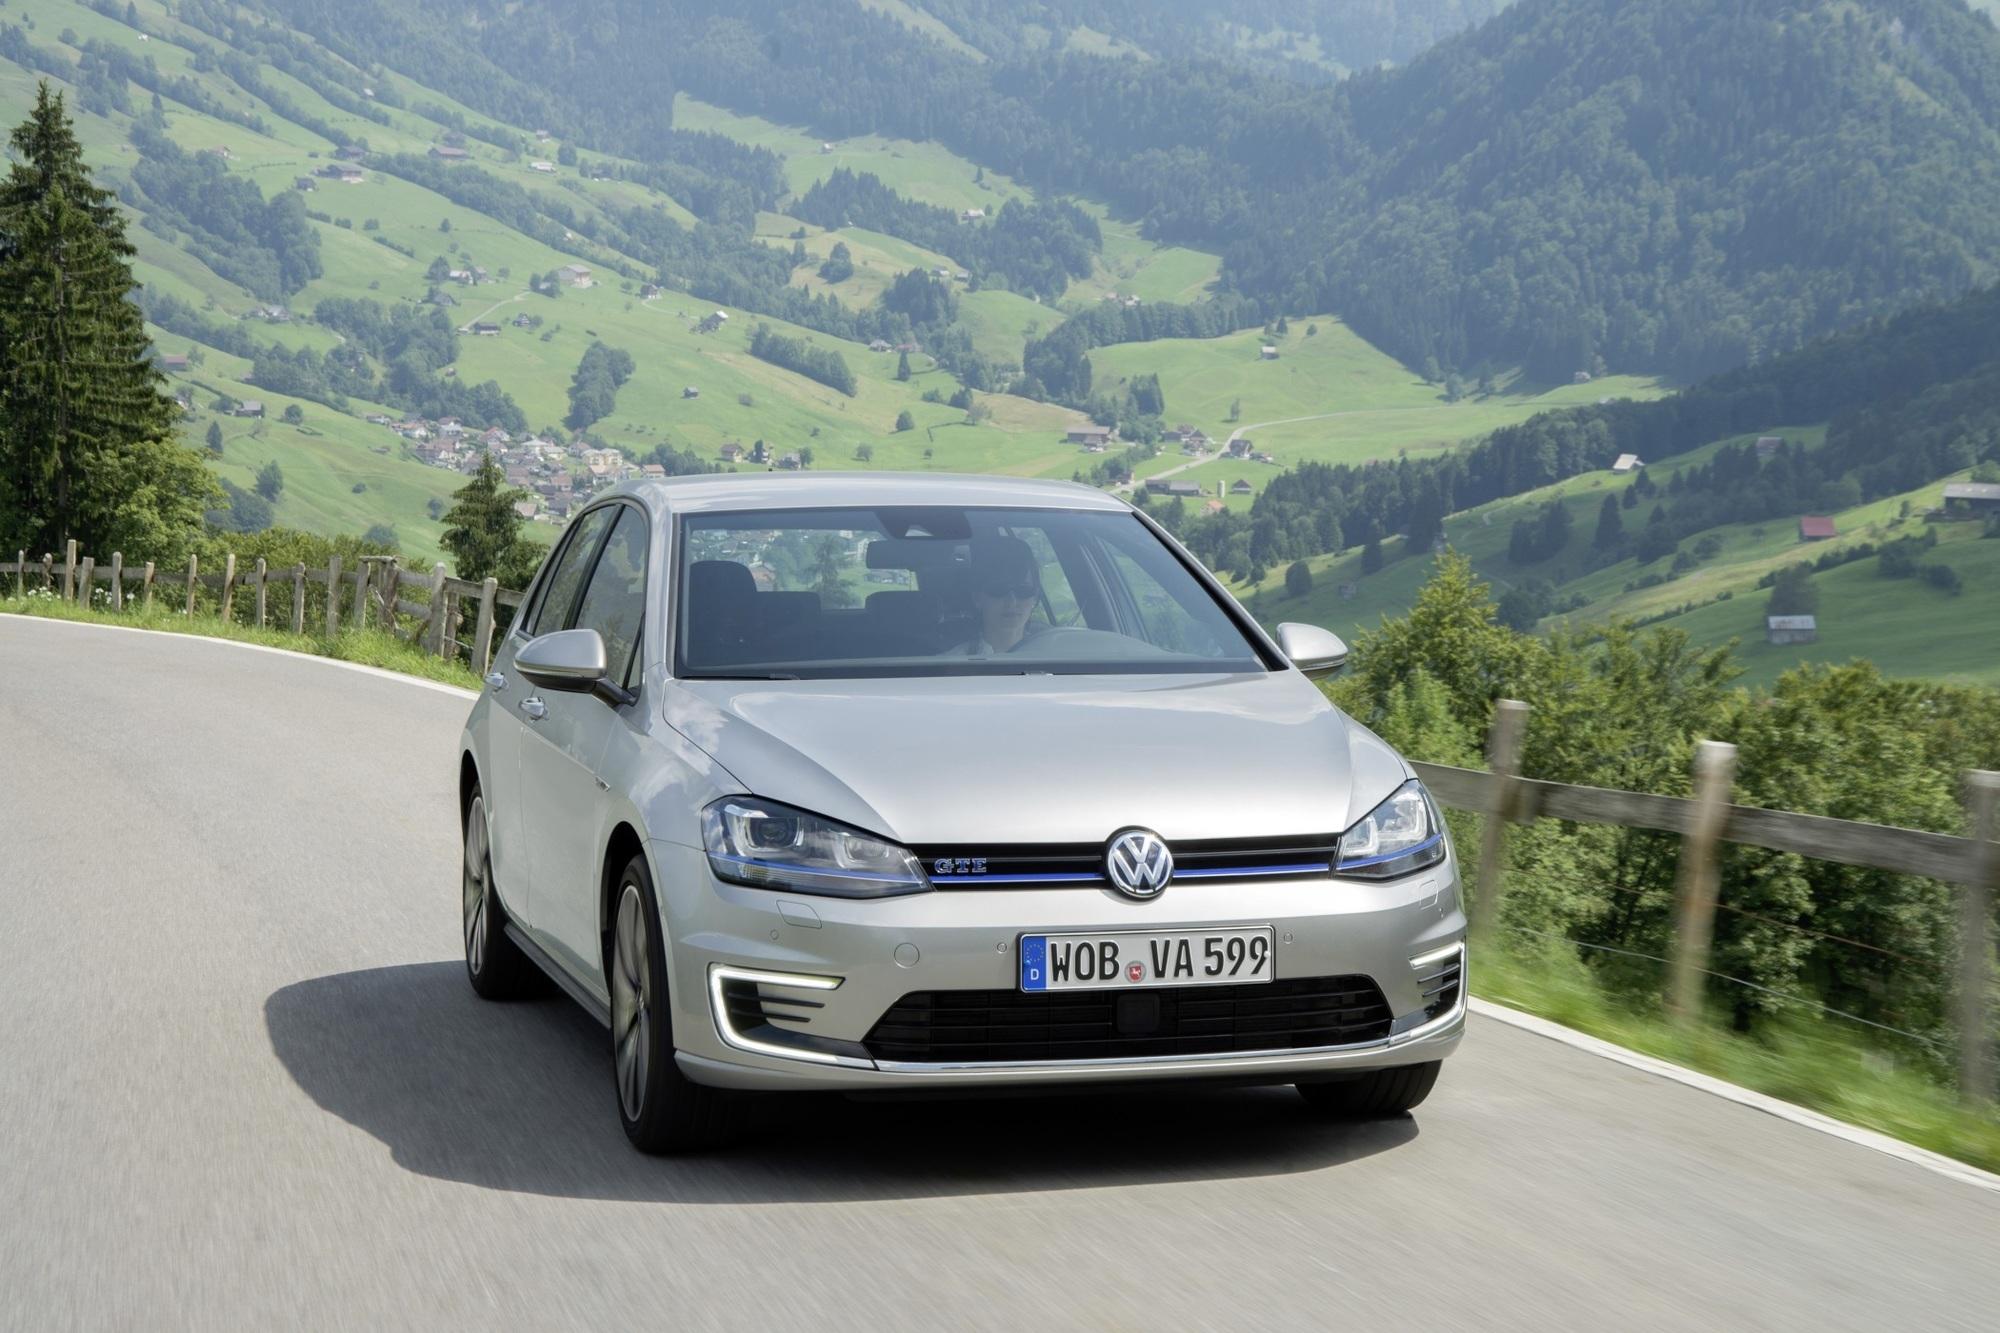 Test: VW Golf GTE - Der GTI unter den E-Mobilen